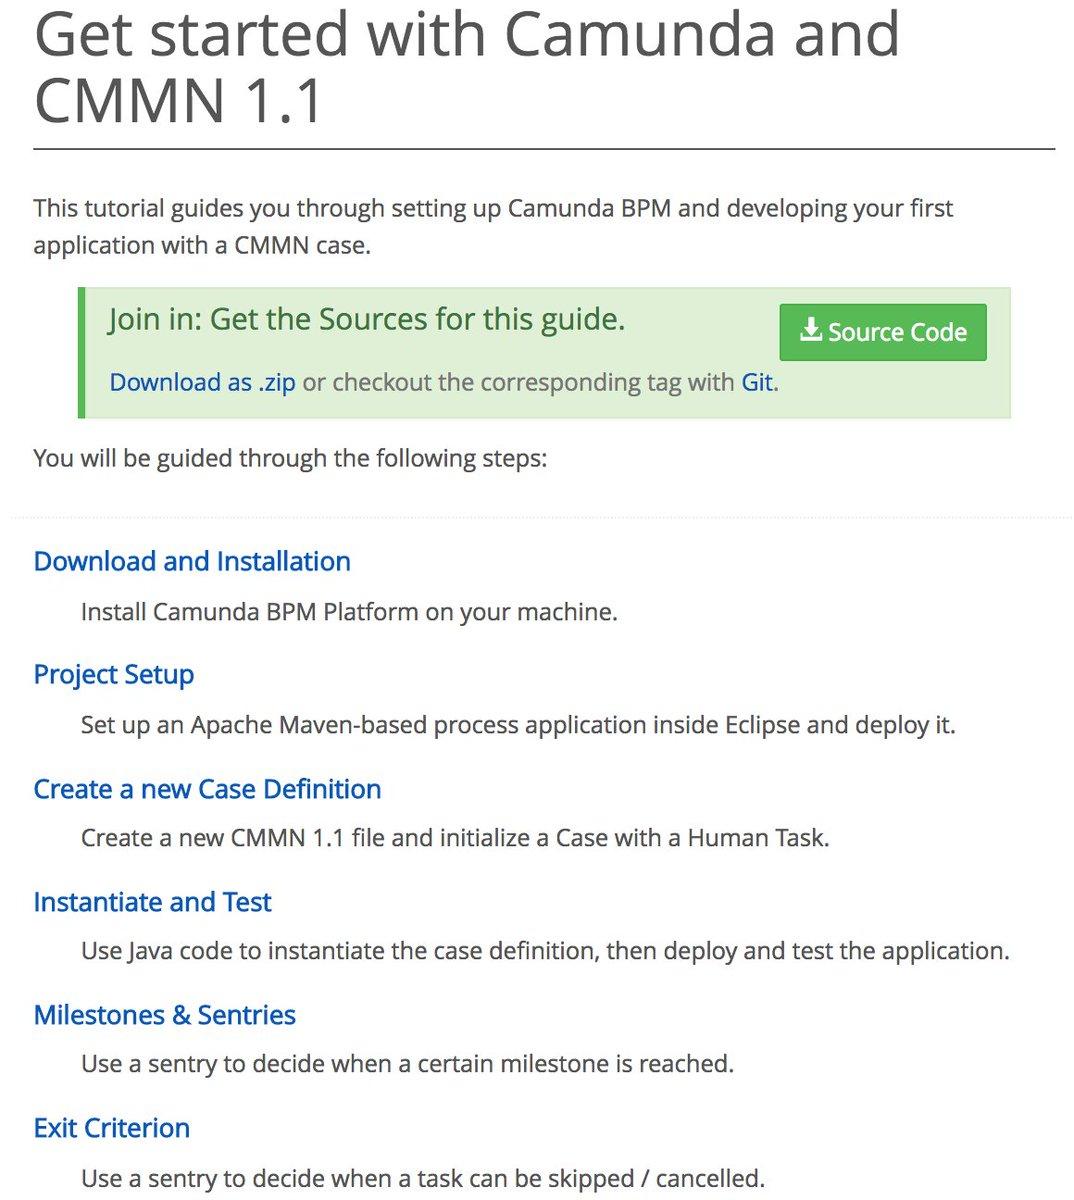 bpmn 20 rendering toolkit and face parts clip art stakeholders def c10mjshwiaivbol bpmn 20 rendering toolkit andhtml interfacing visio bpmn modeler bpi - Bpmn 20 Modeler For Visio